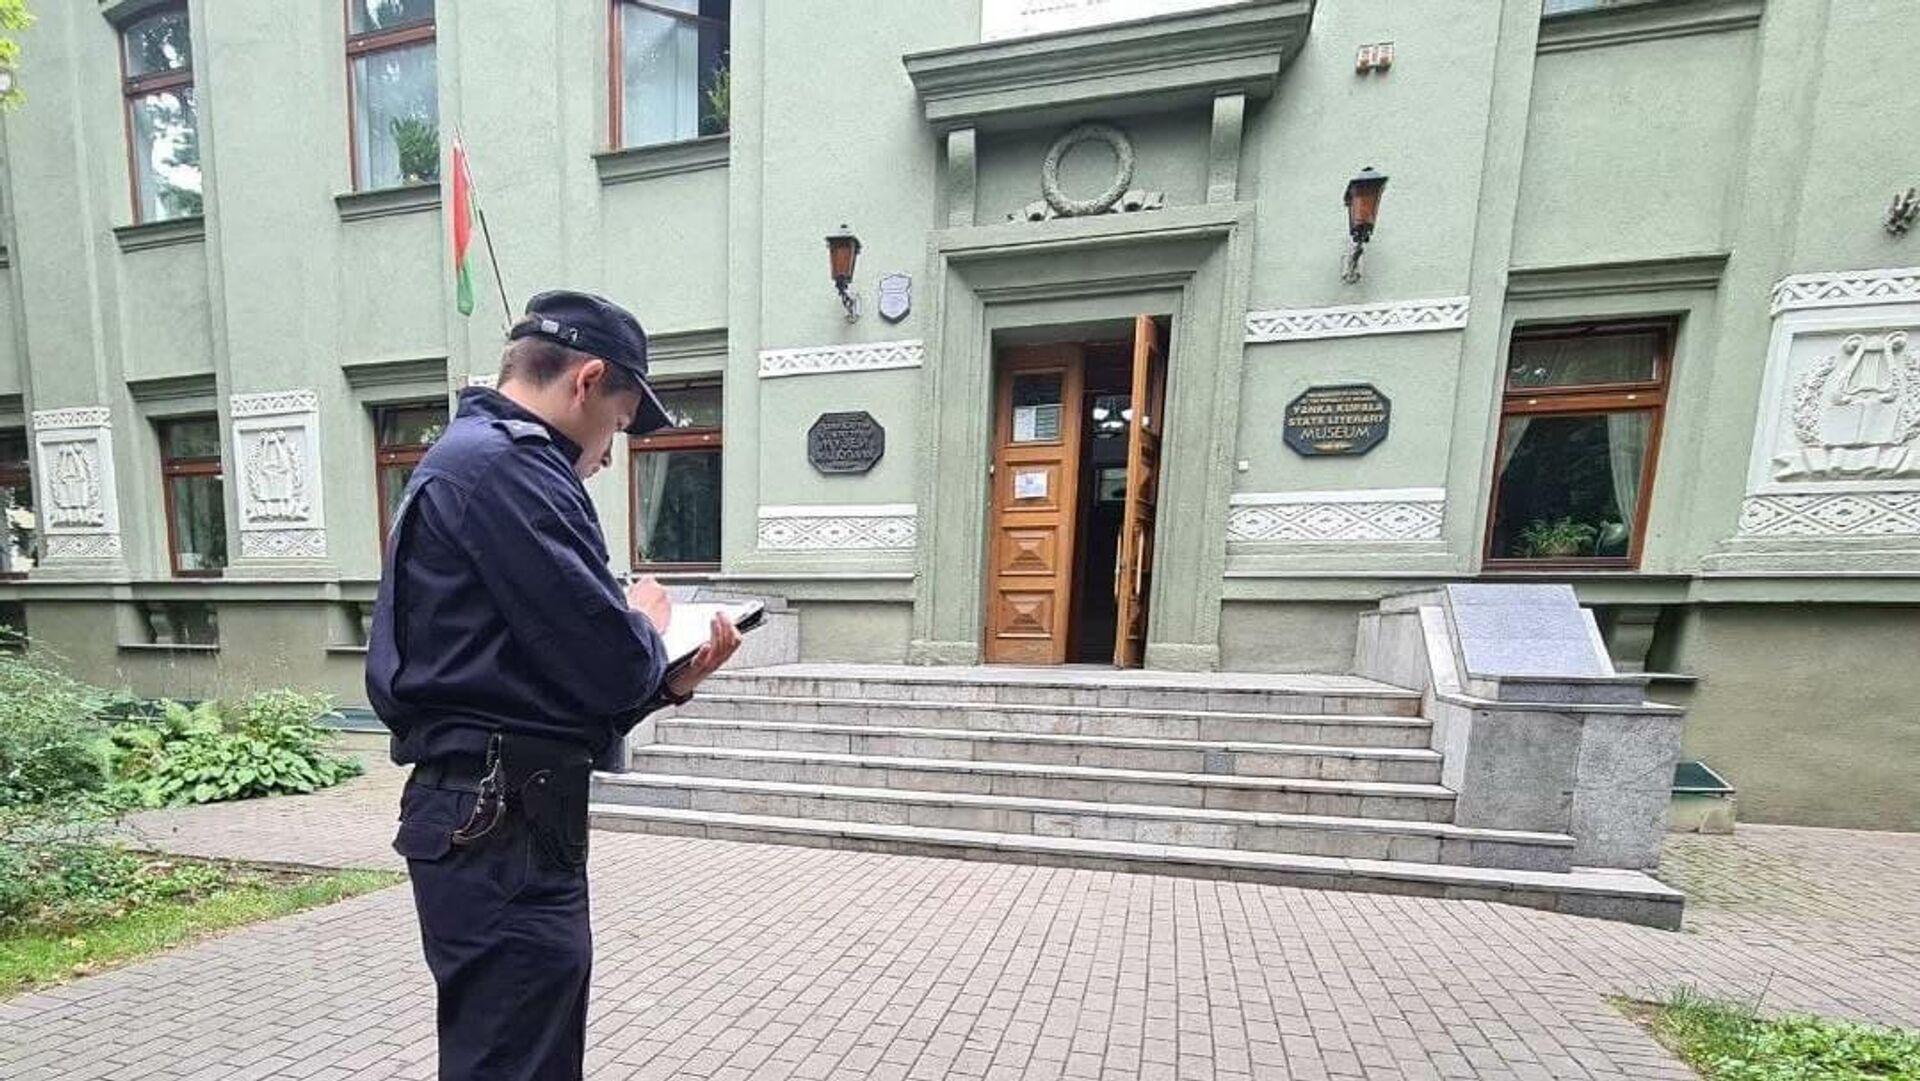 Смертельное отравление газом: следователи работают на месте происшествия  - Sputnik Беларусь, 1920, 05.08.2021